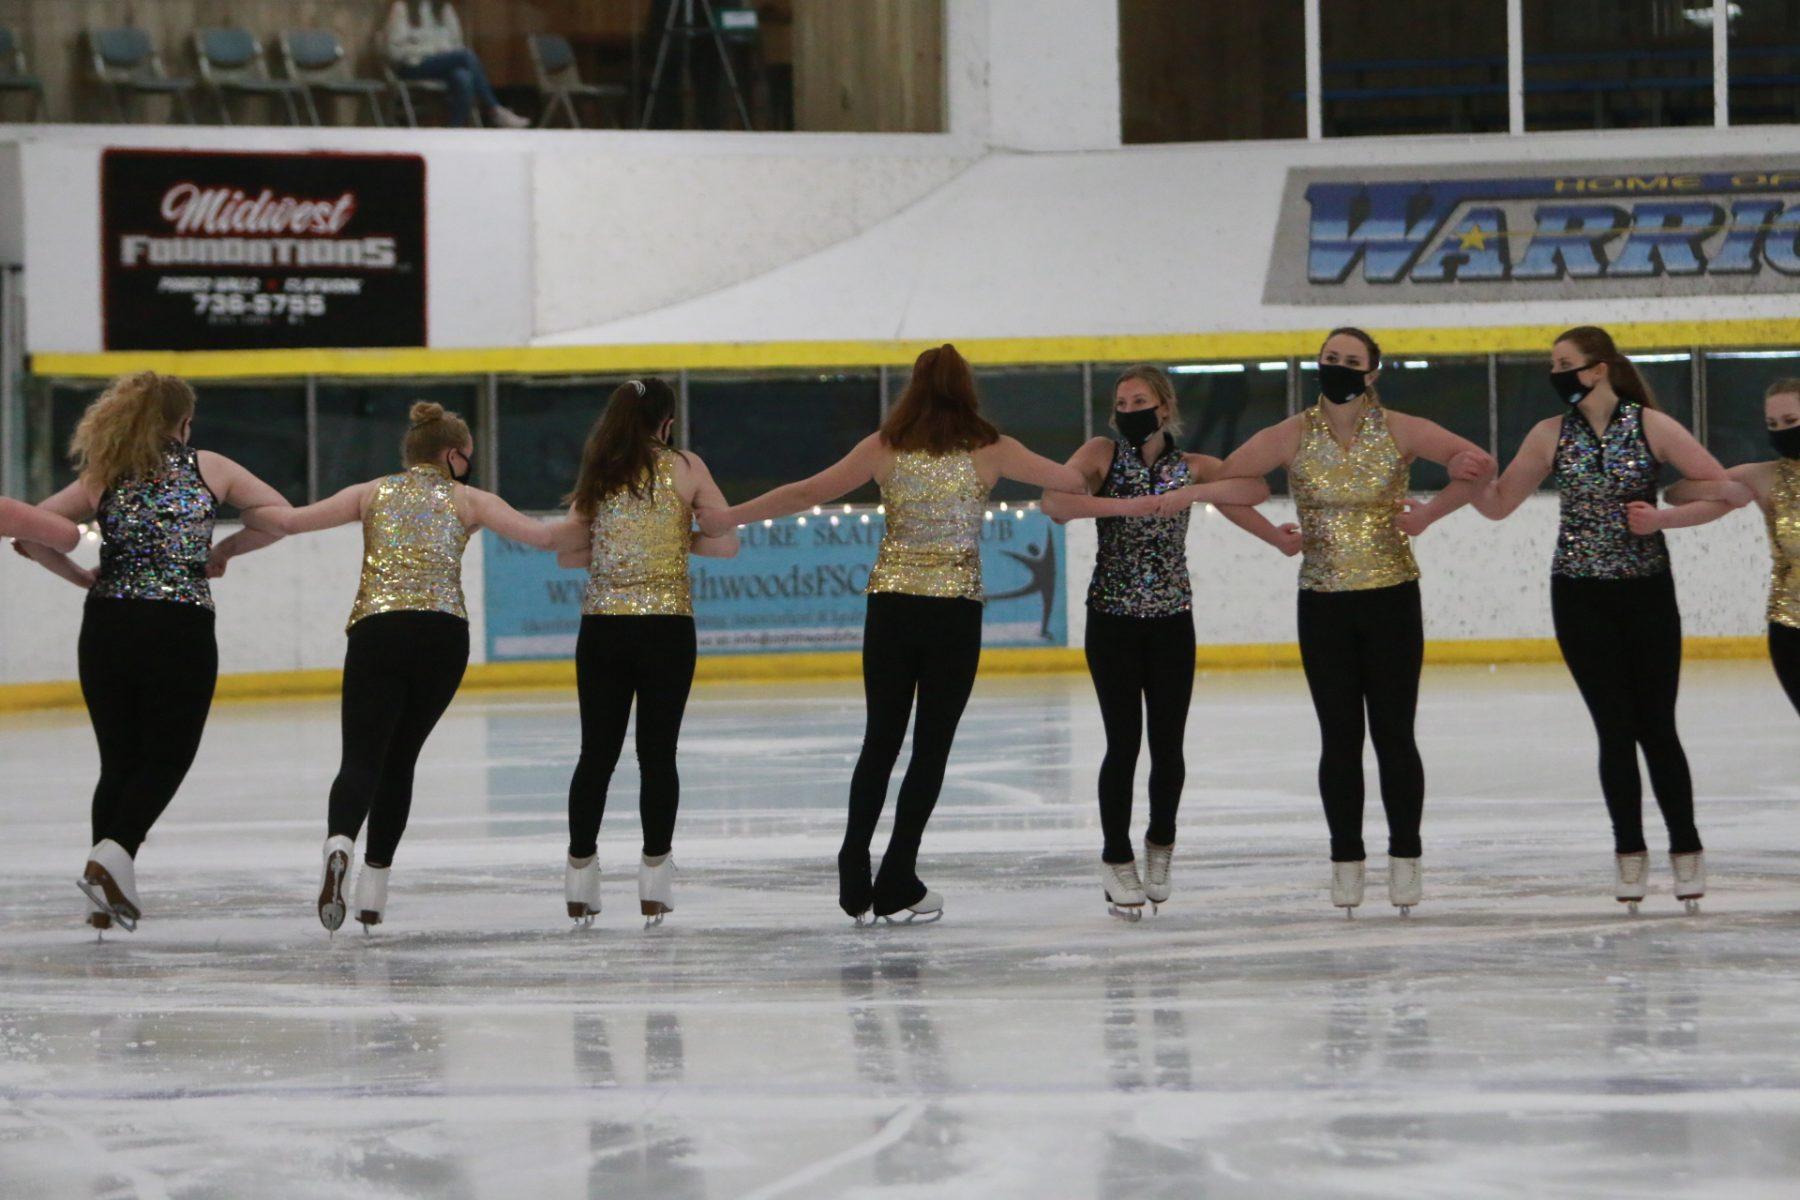 skating in line